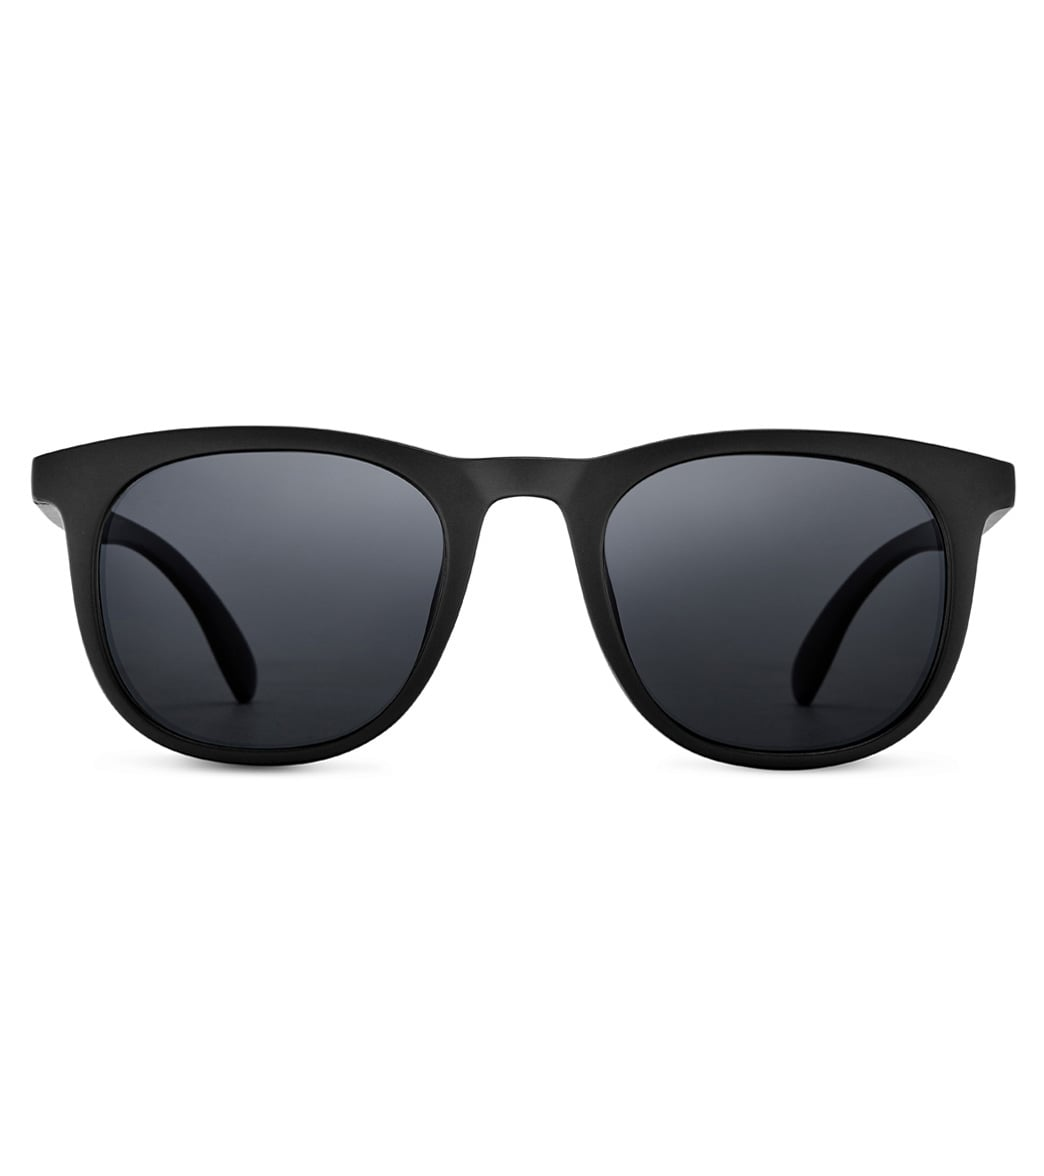 ae9f40b633 Sunski Seacliff Polarized Sunglasses at SwimOutlet.com - Free Shipping